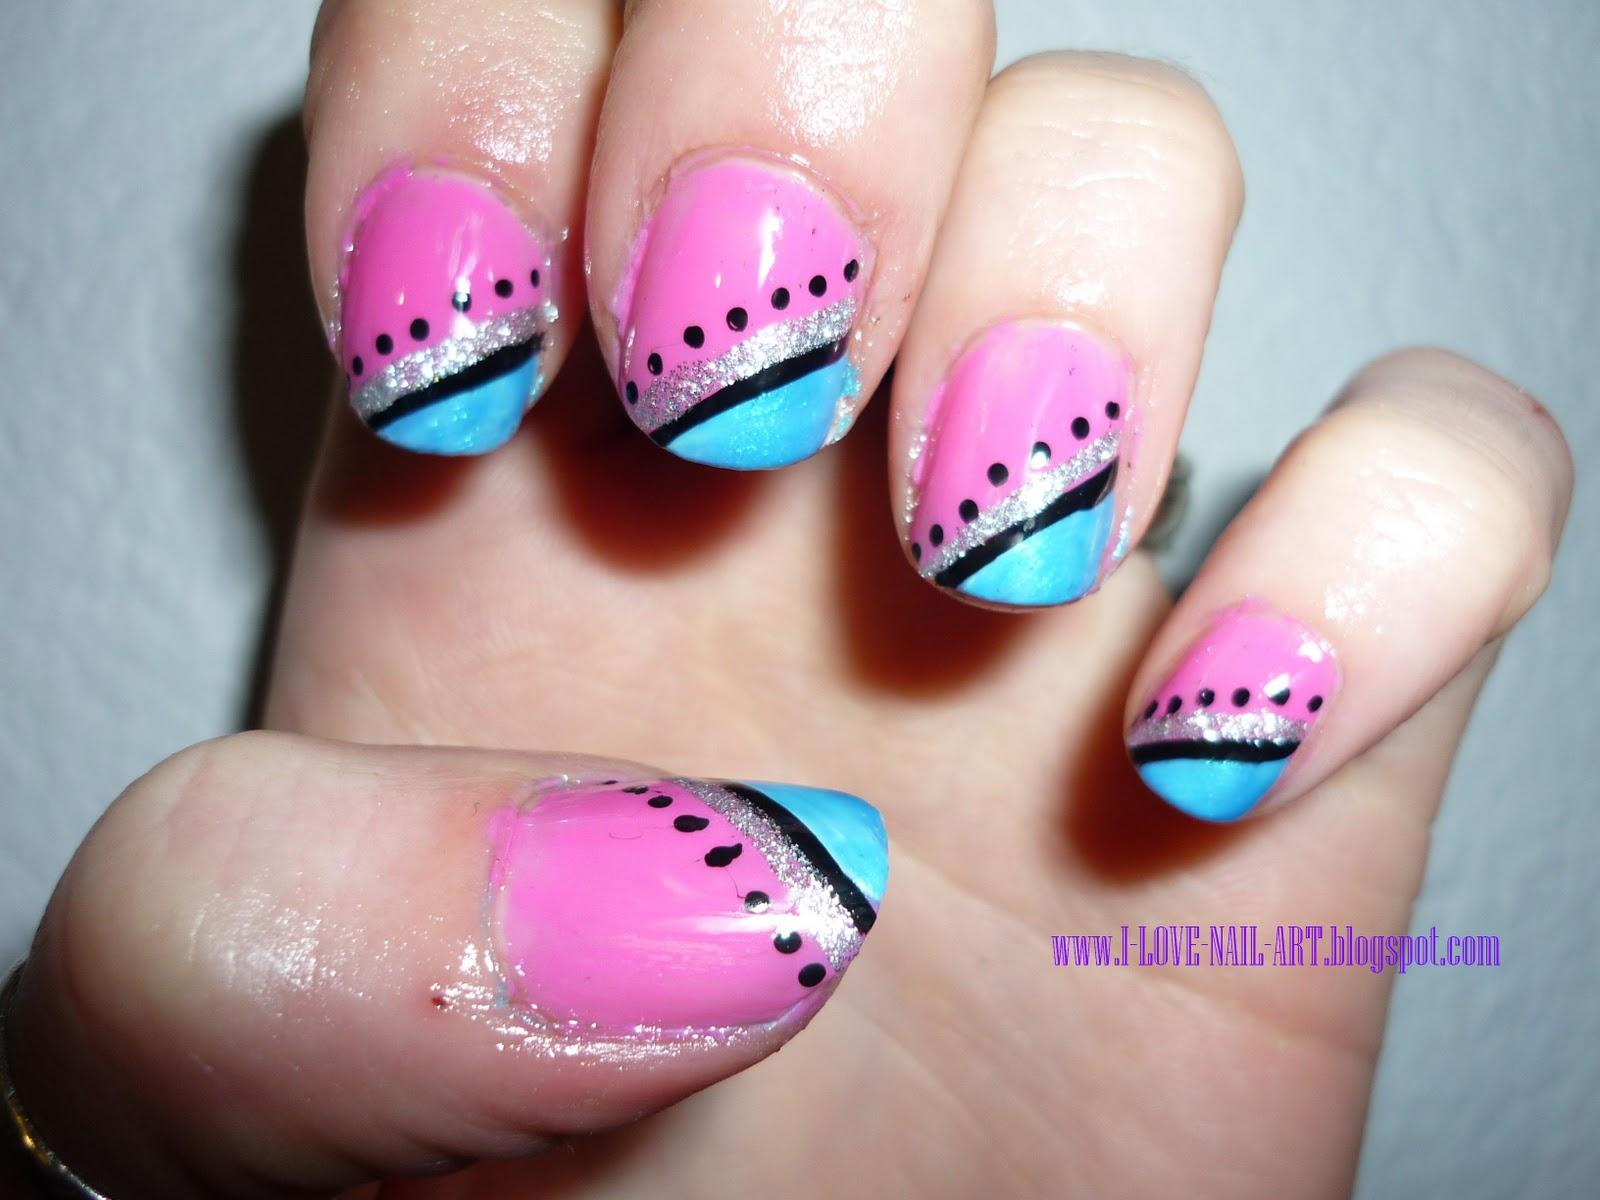 Nail Designs For Short Acrylic Nails@^*